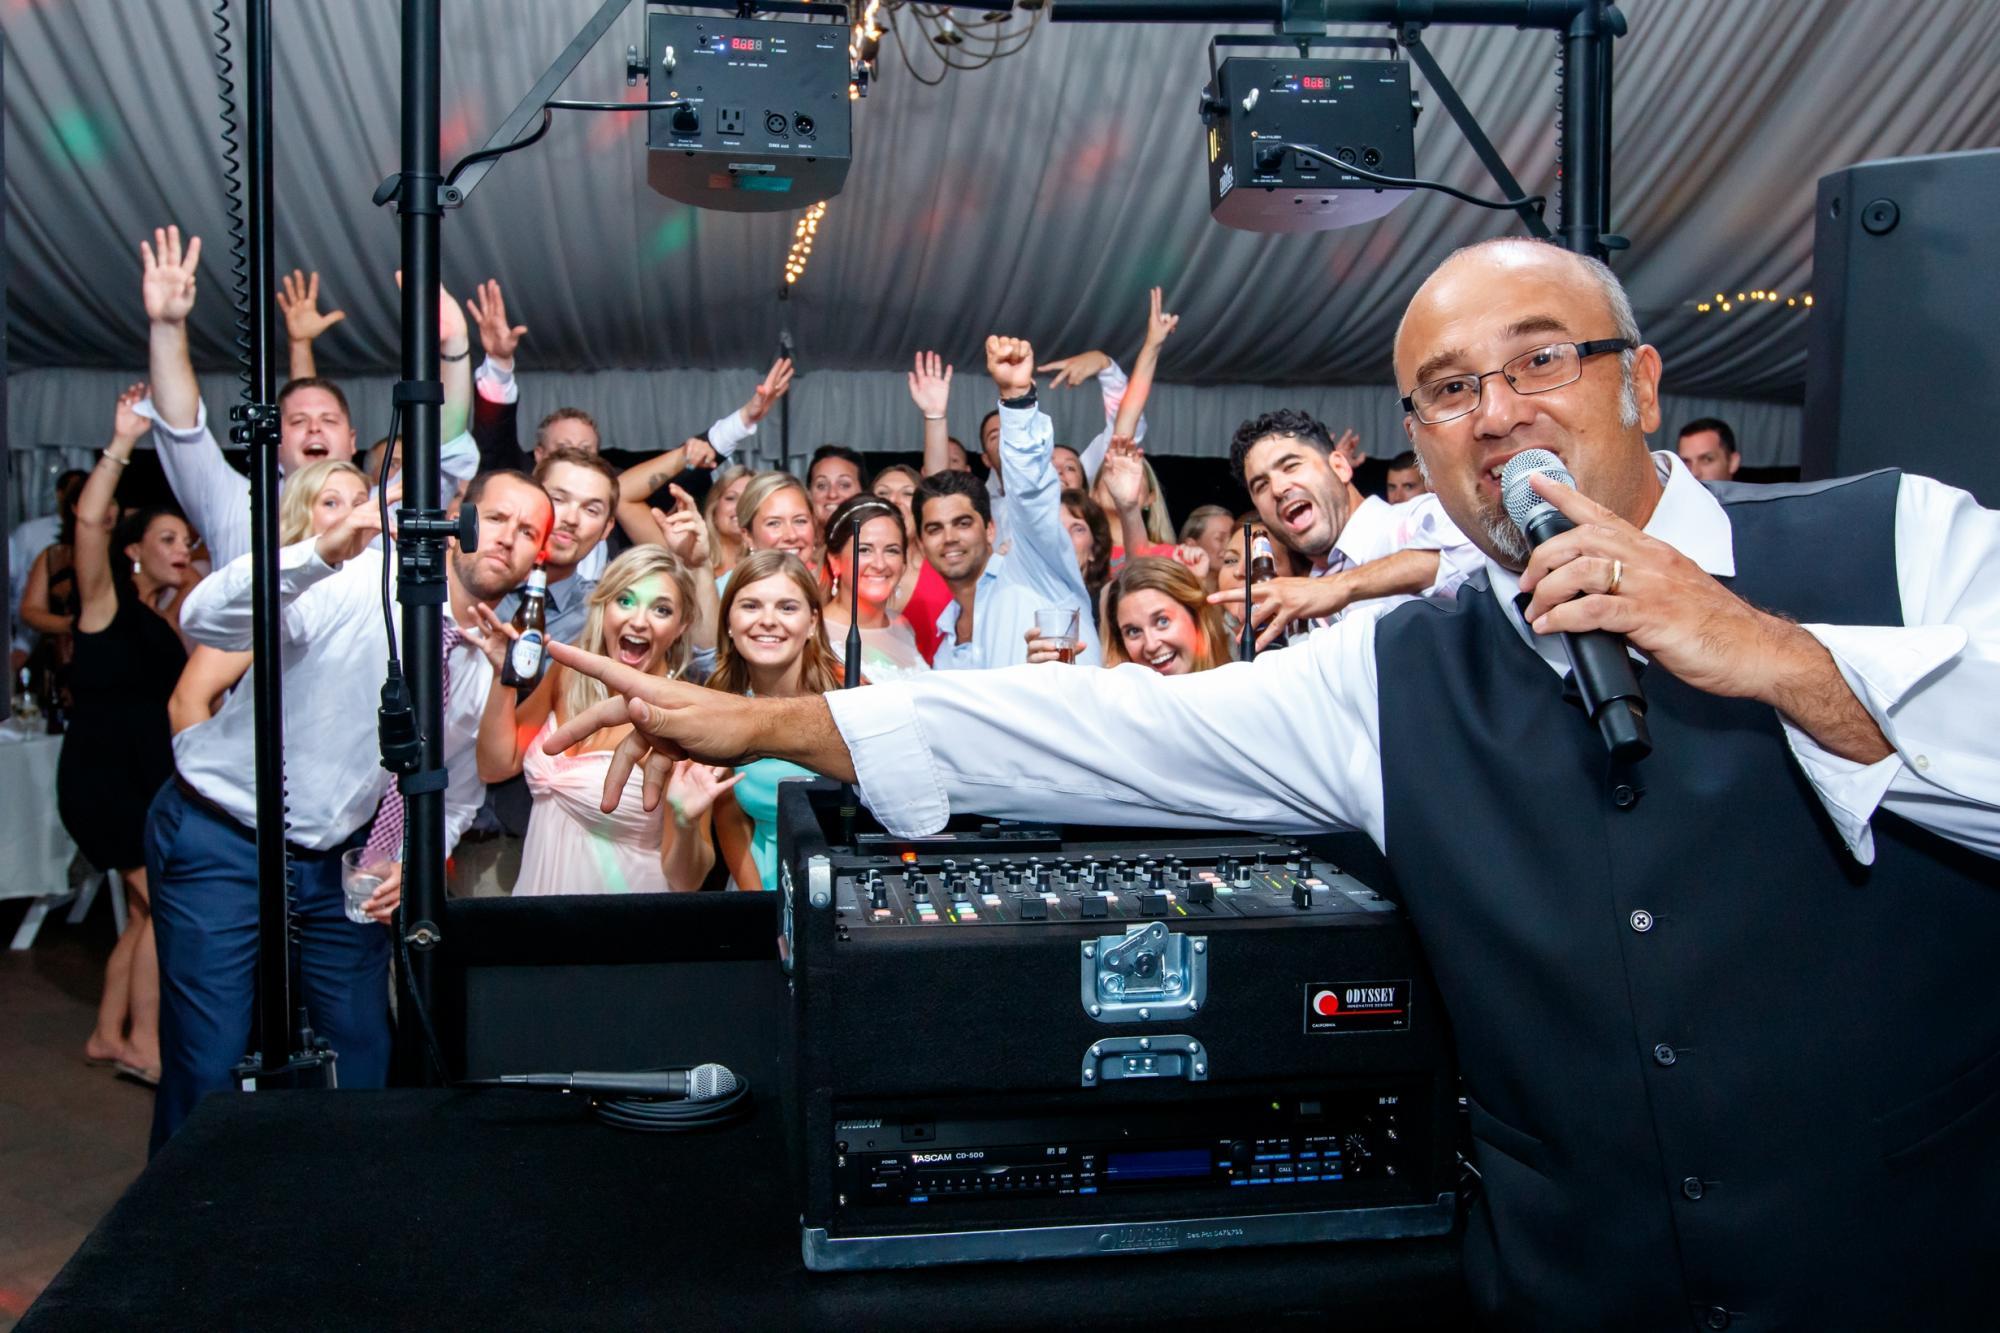 Bob Raina, DJ for Montague Retreat Center